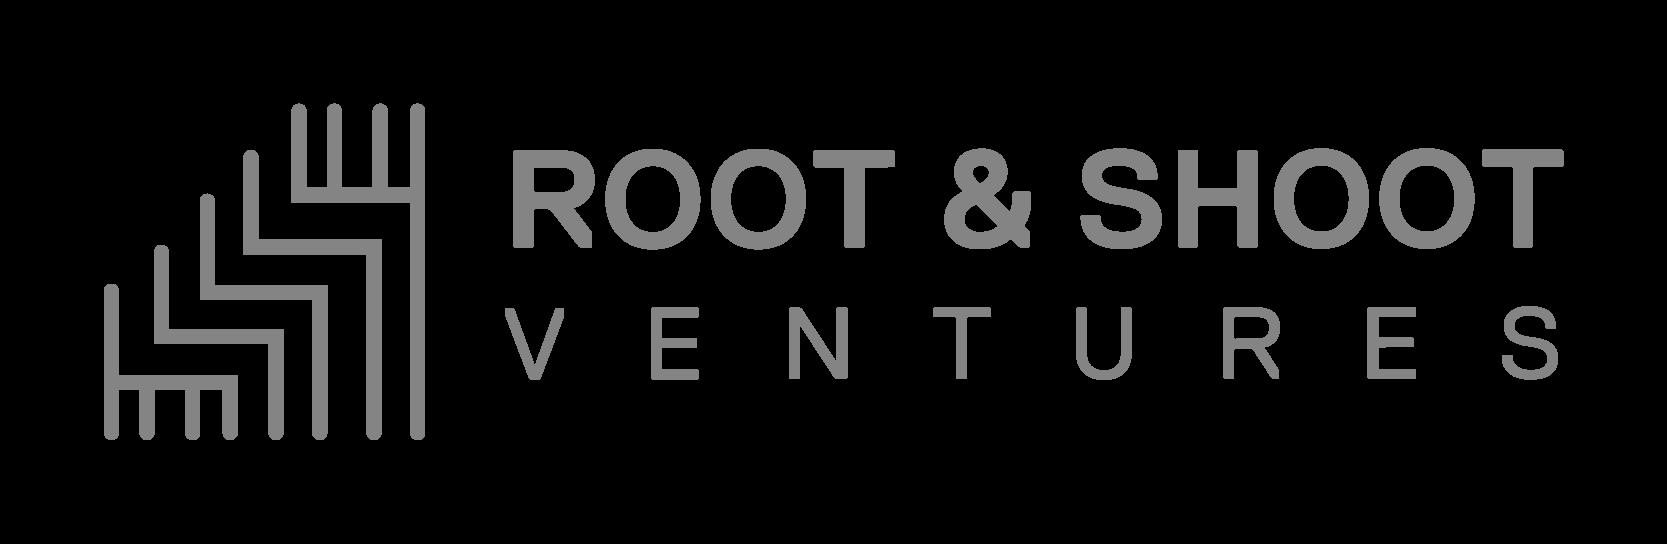 Root & Shoot Ventures logo